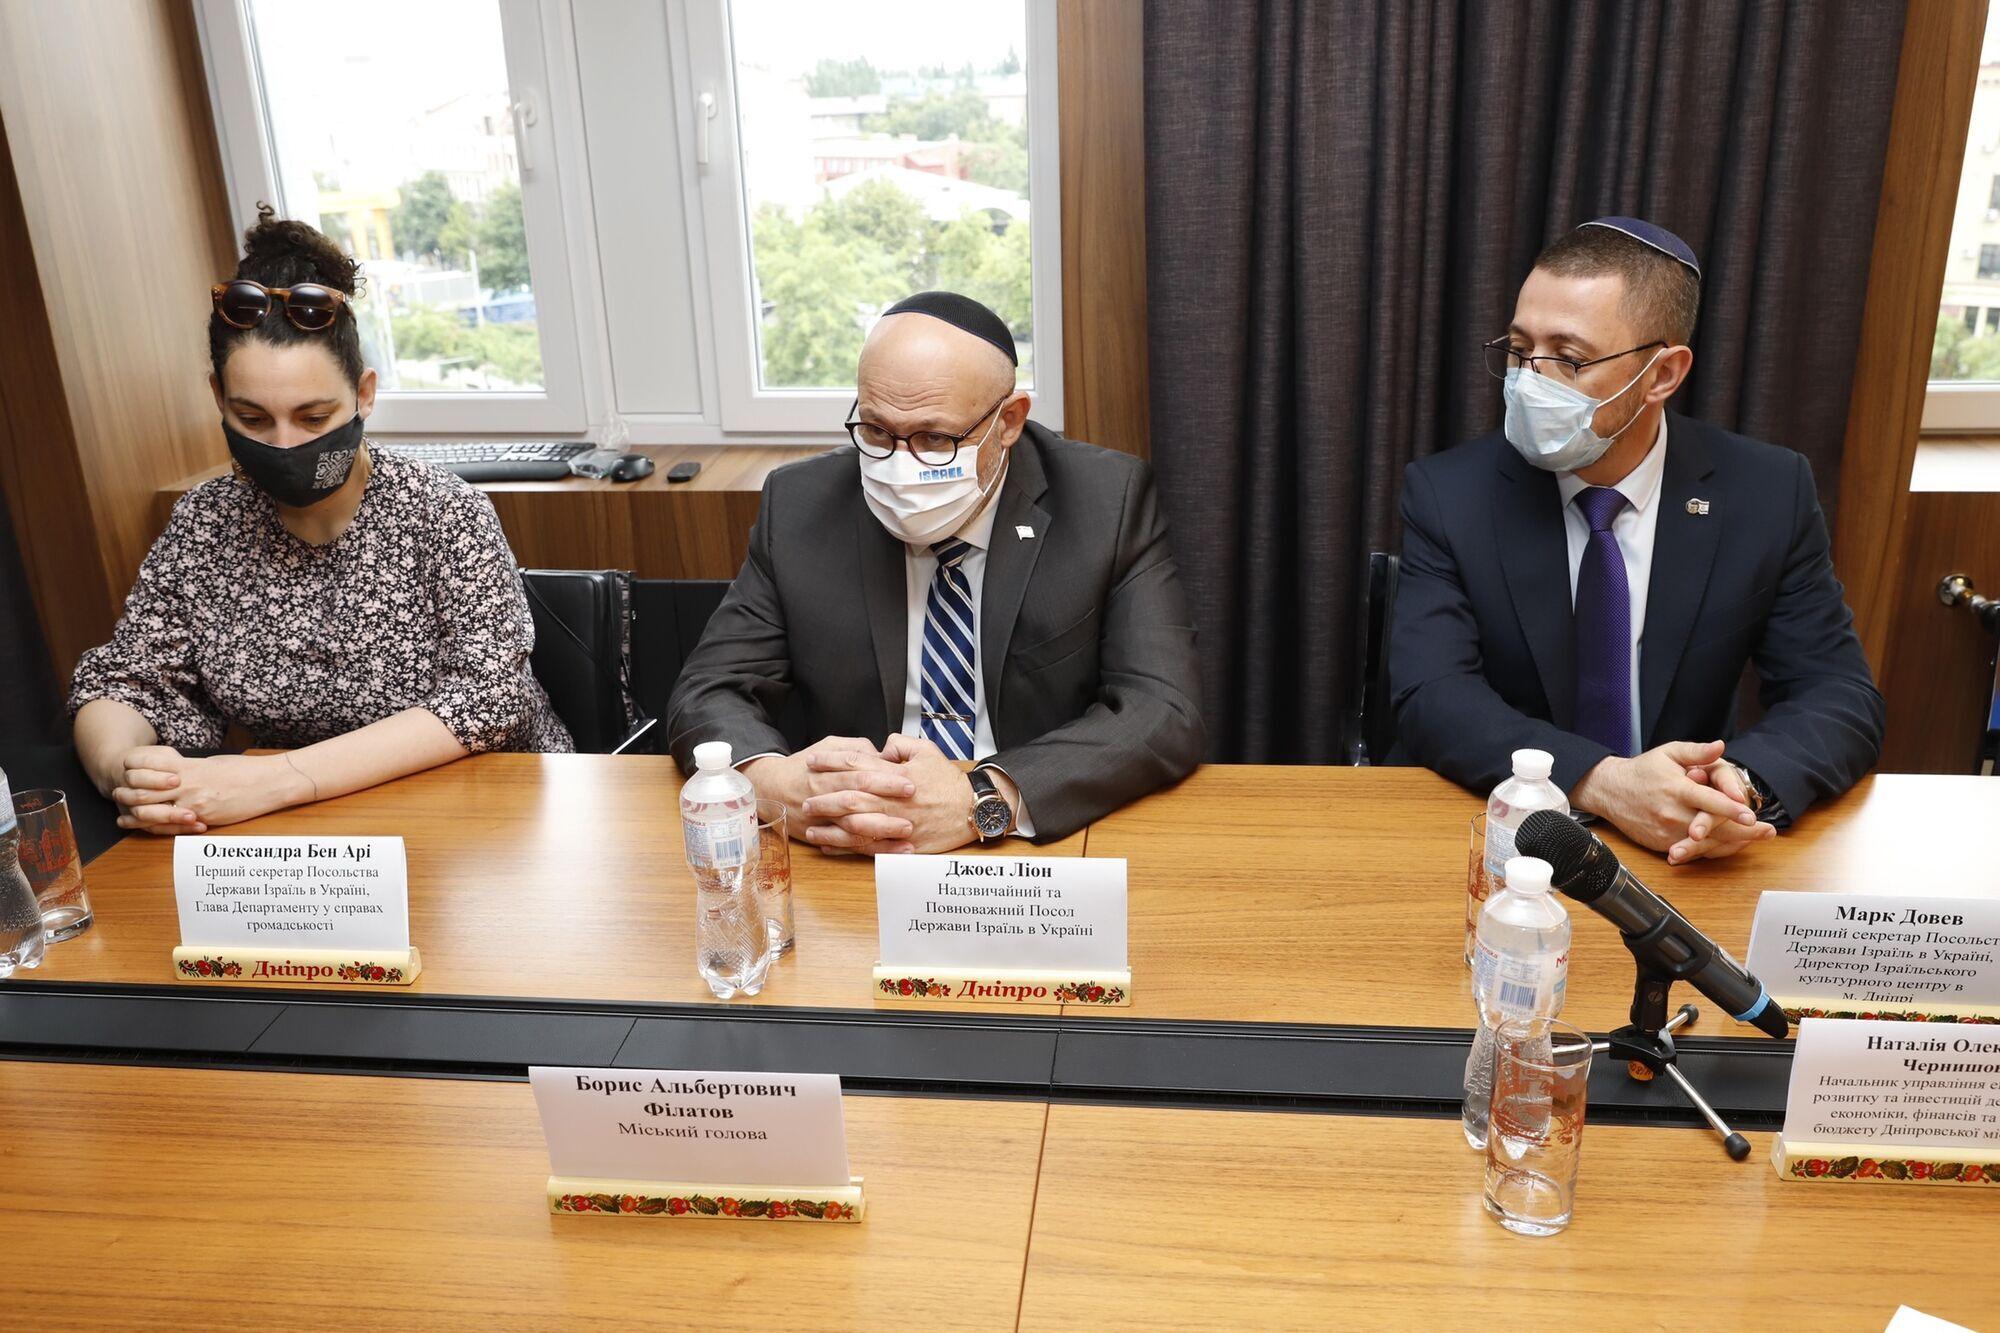 Представители делегации также отметили уровень взаимодействия с командой мэрии Днепра